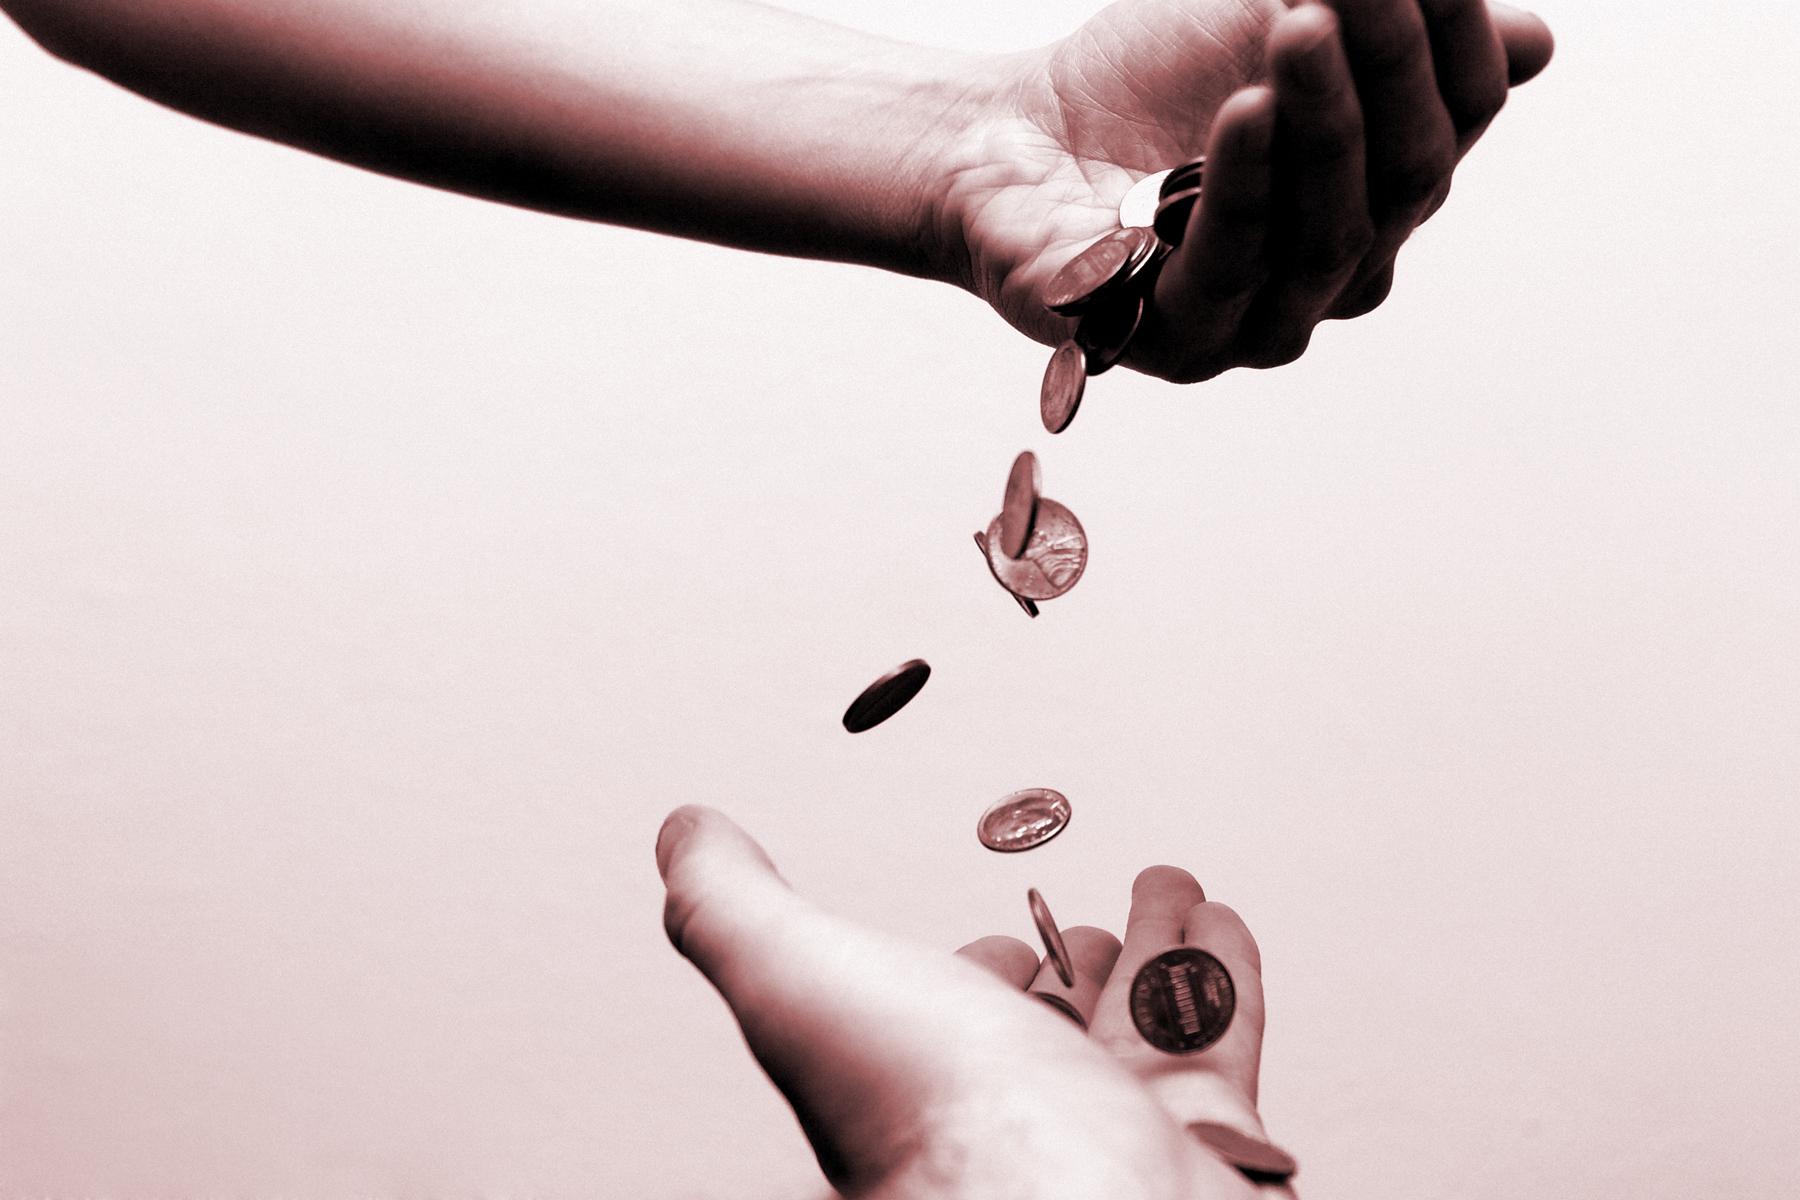 Transmission impôt à la source don argent